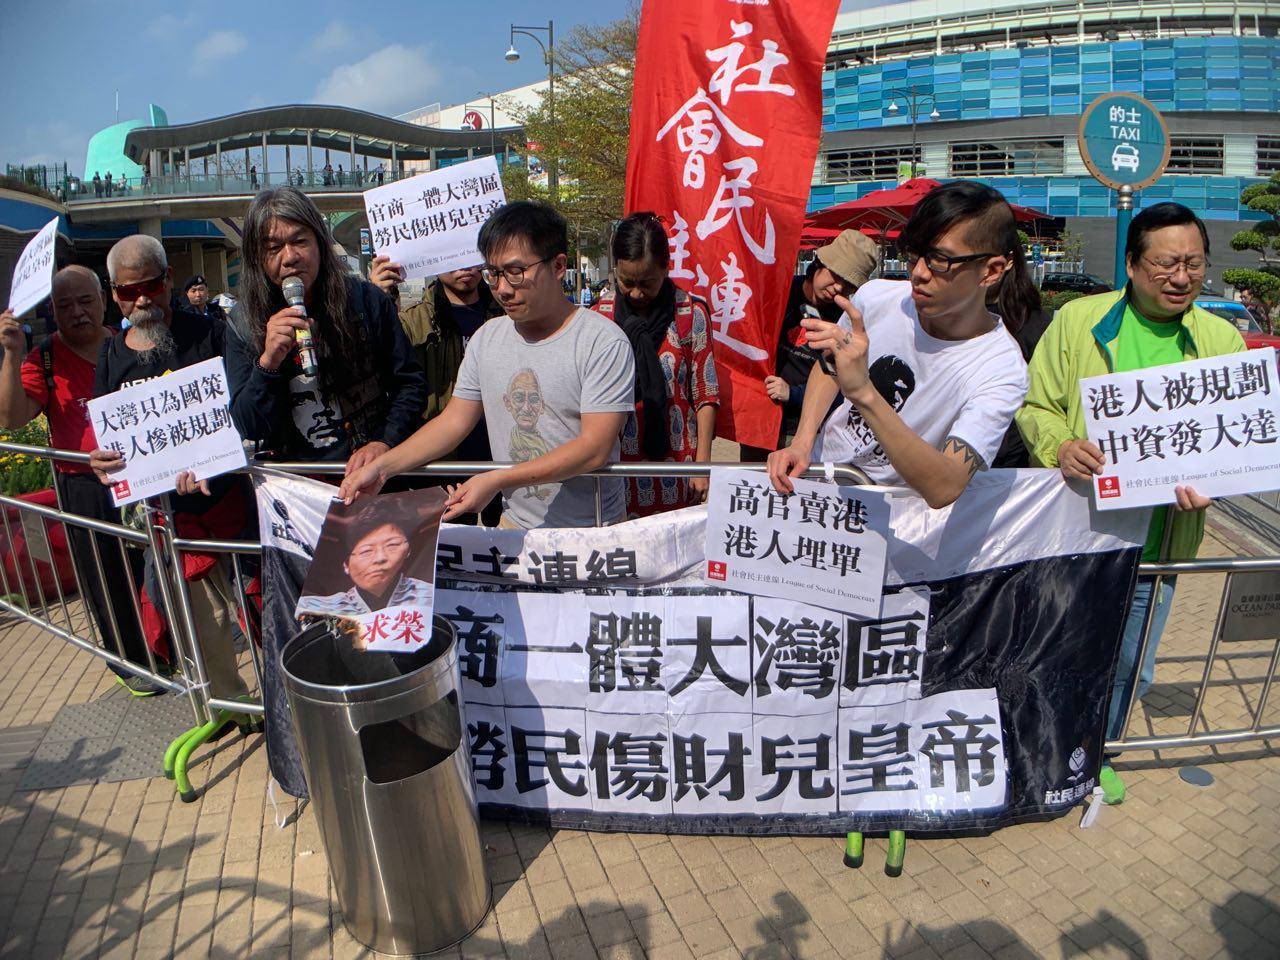 大灣區規劃宣講會在港舉行,社民連成員在場外抗議特首賣港求榮。(李逸/大紀元)